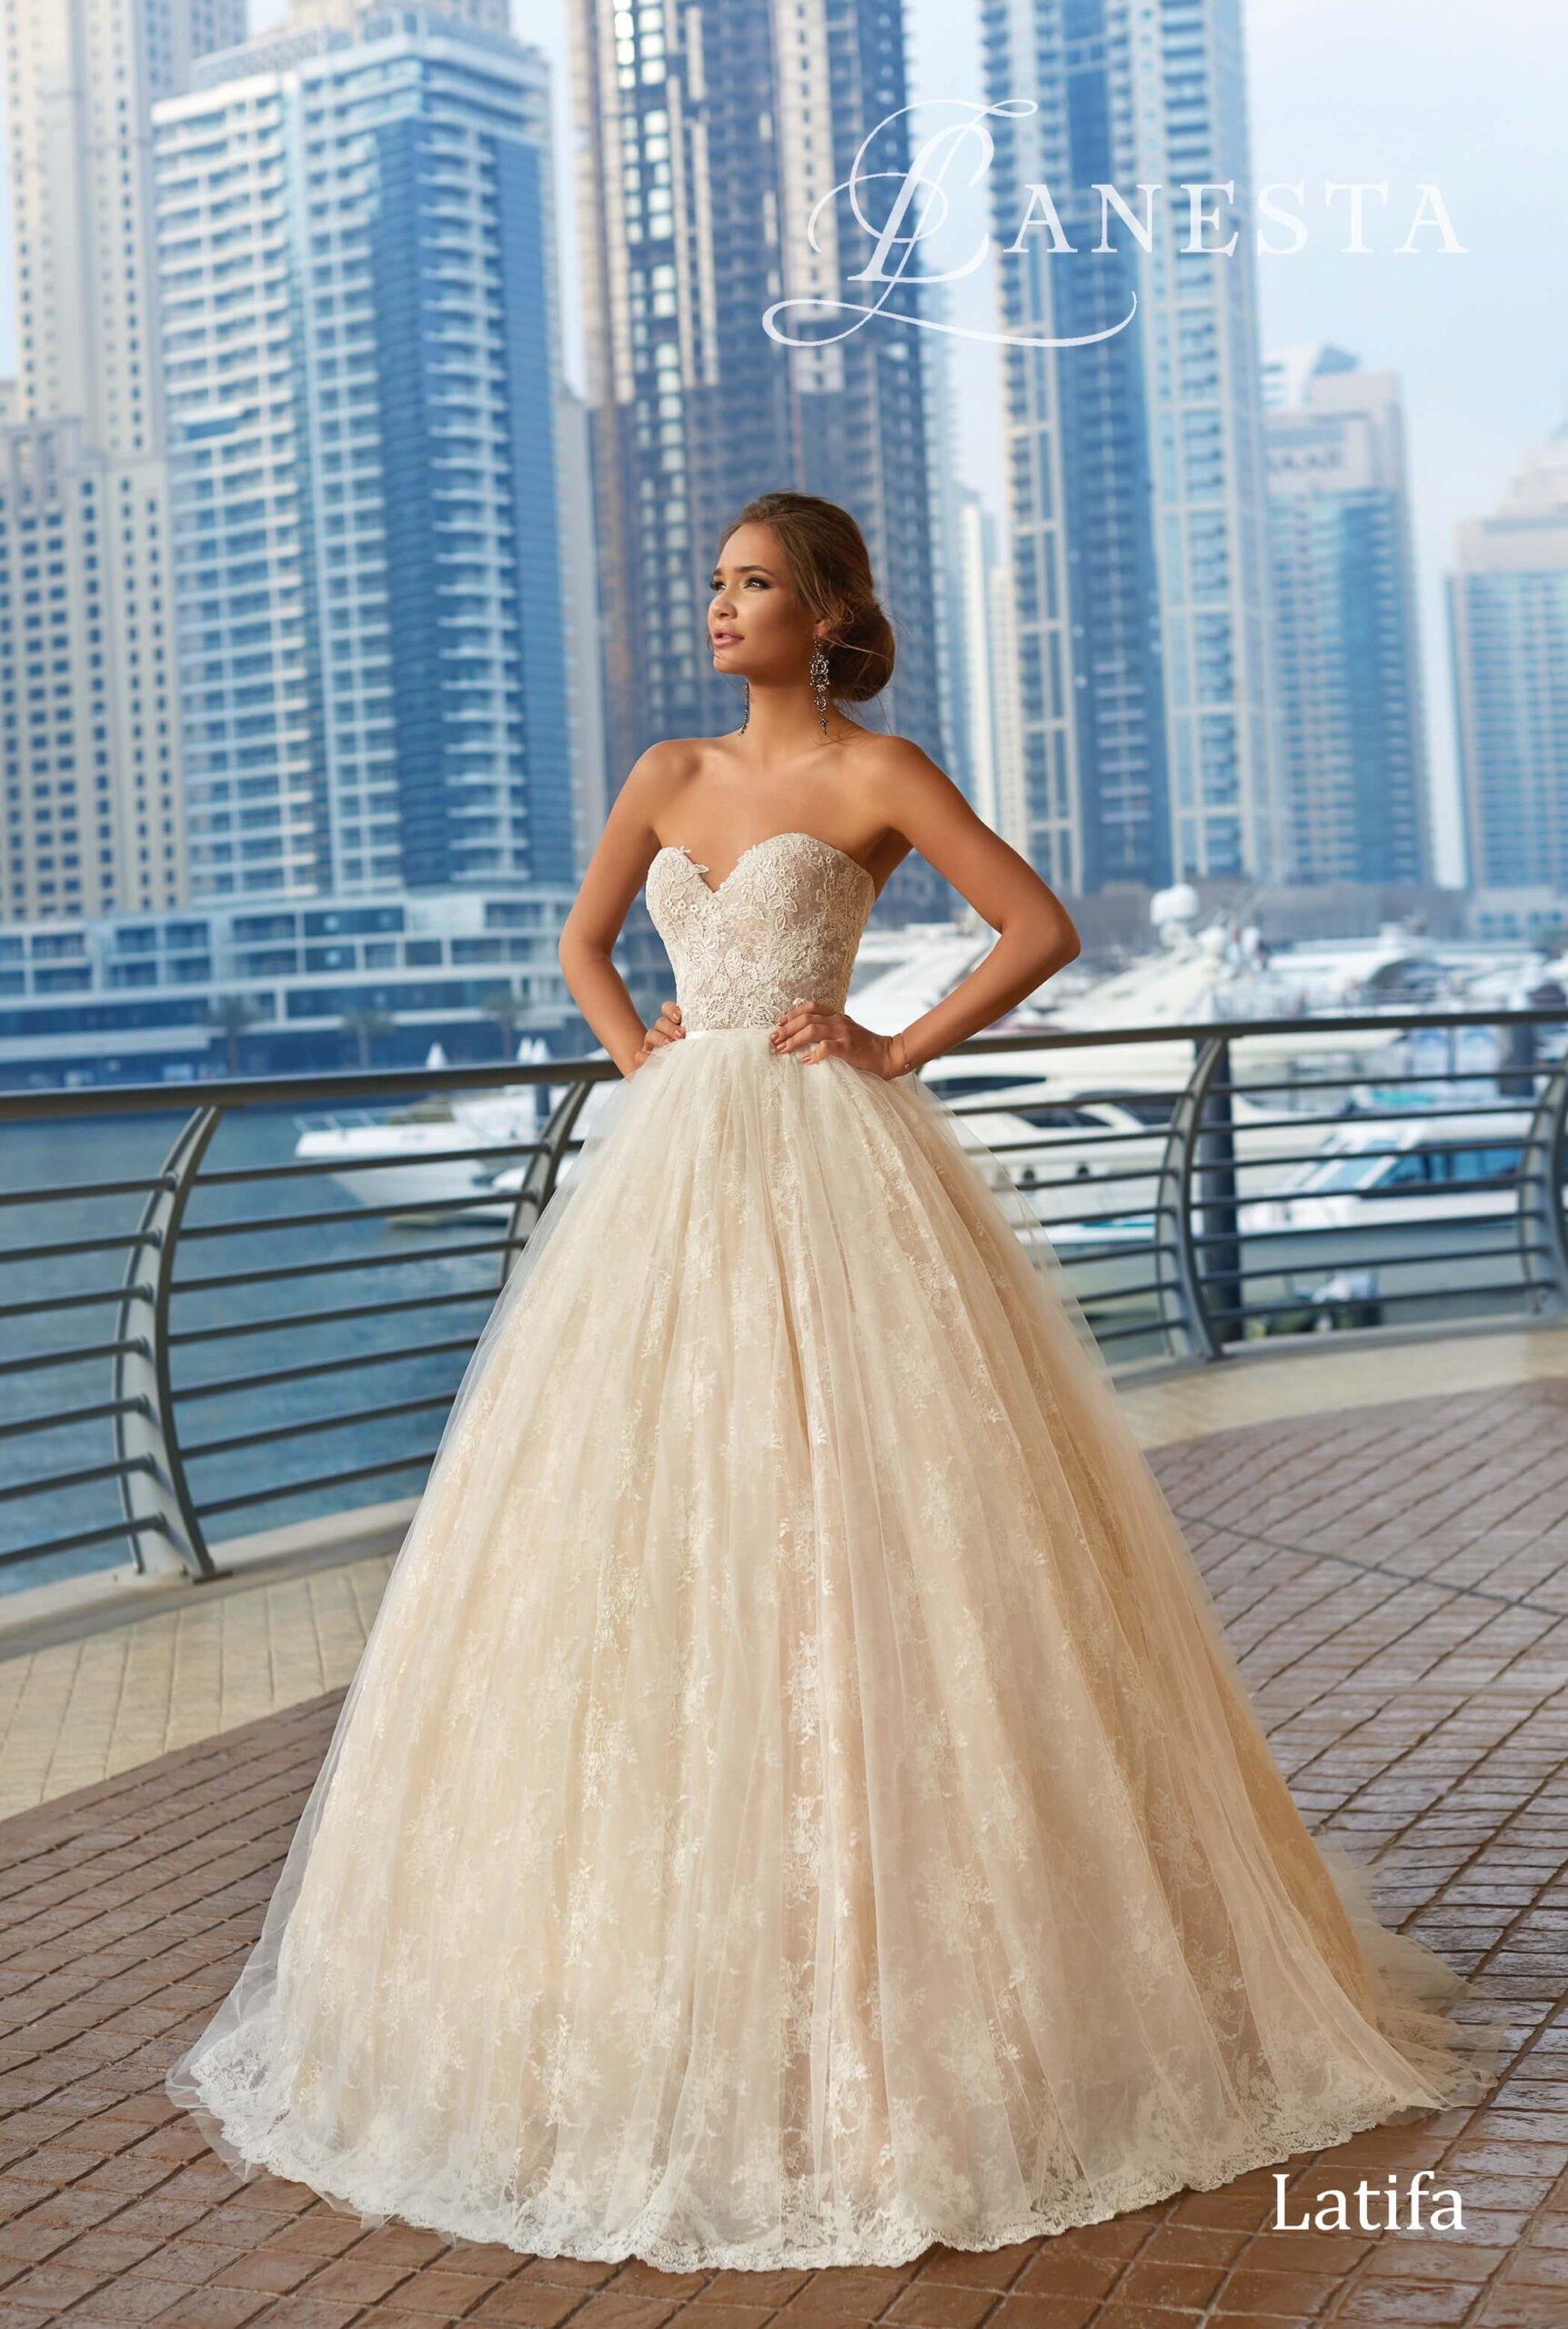 Весільна сукня Latifa Lanesta